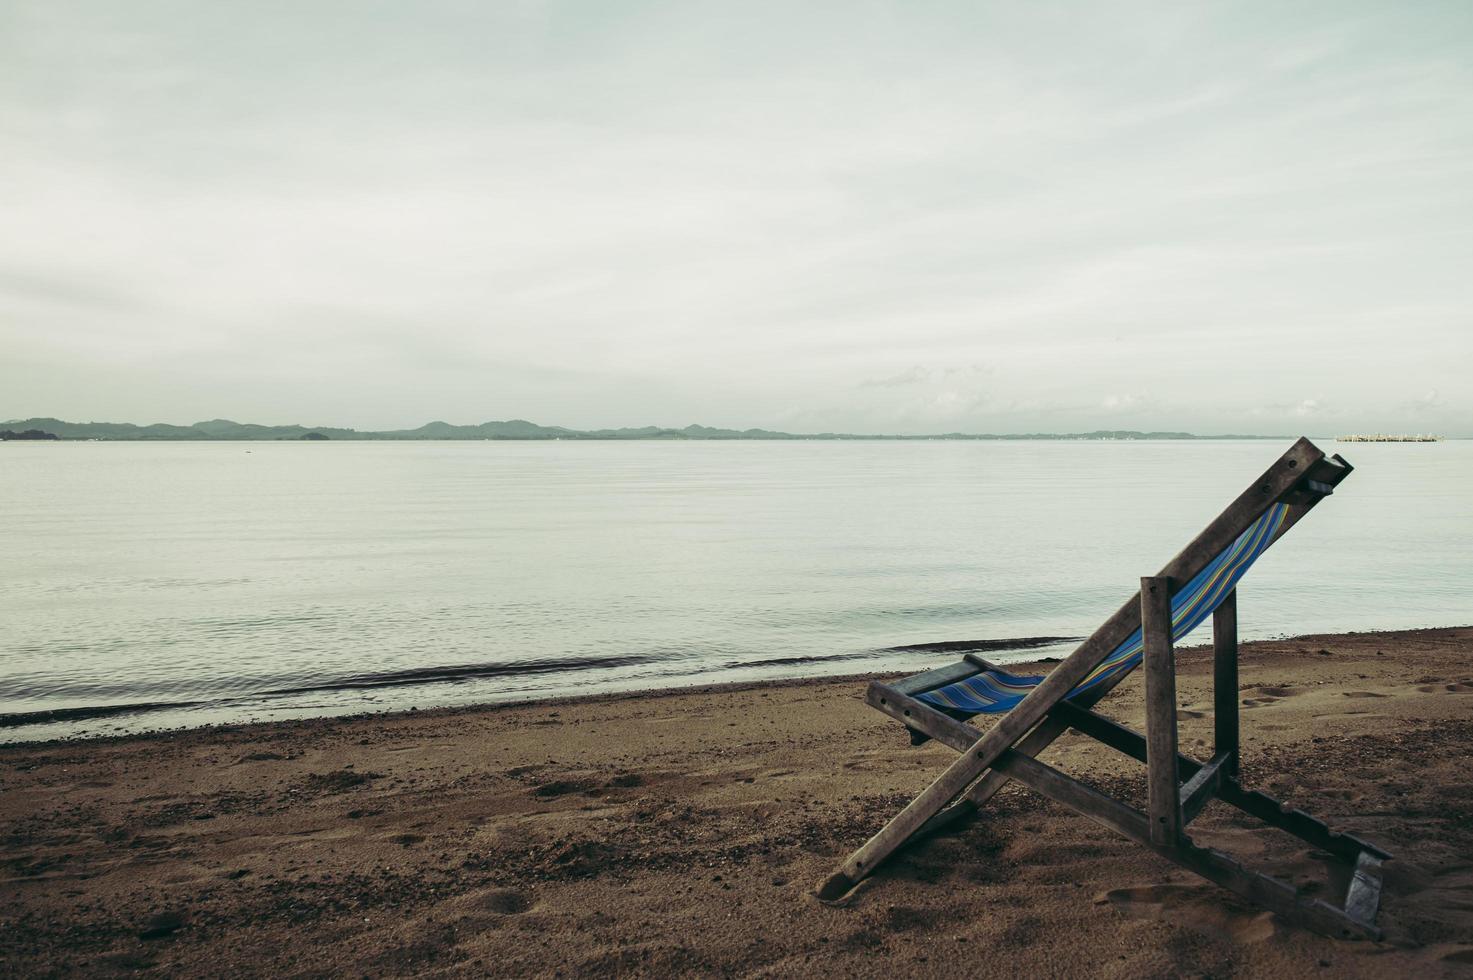 mar con sillas de playa resort foto